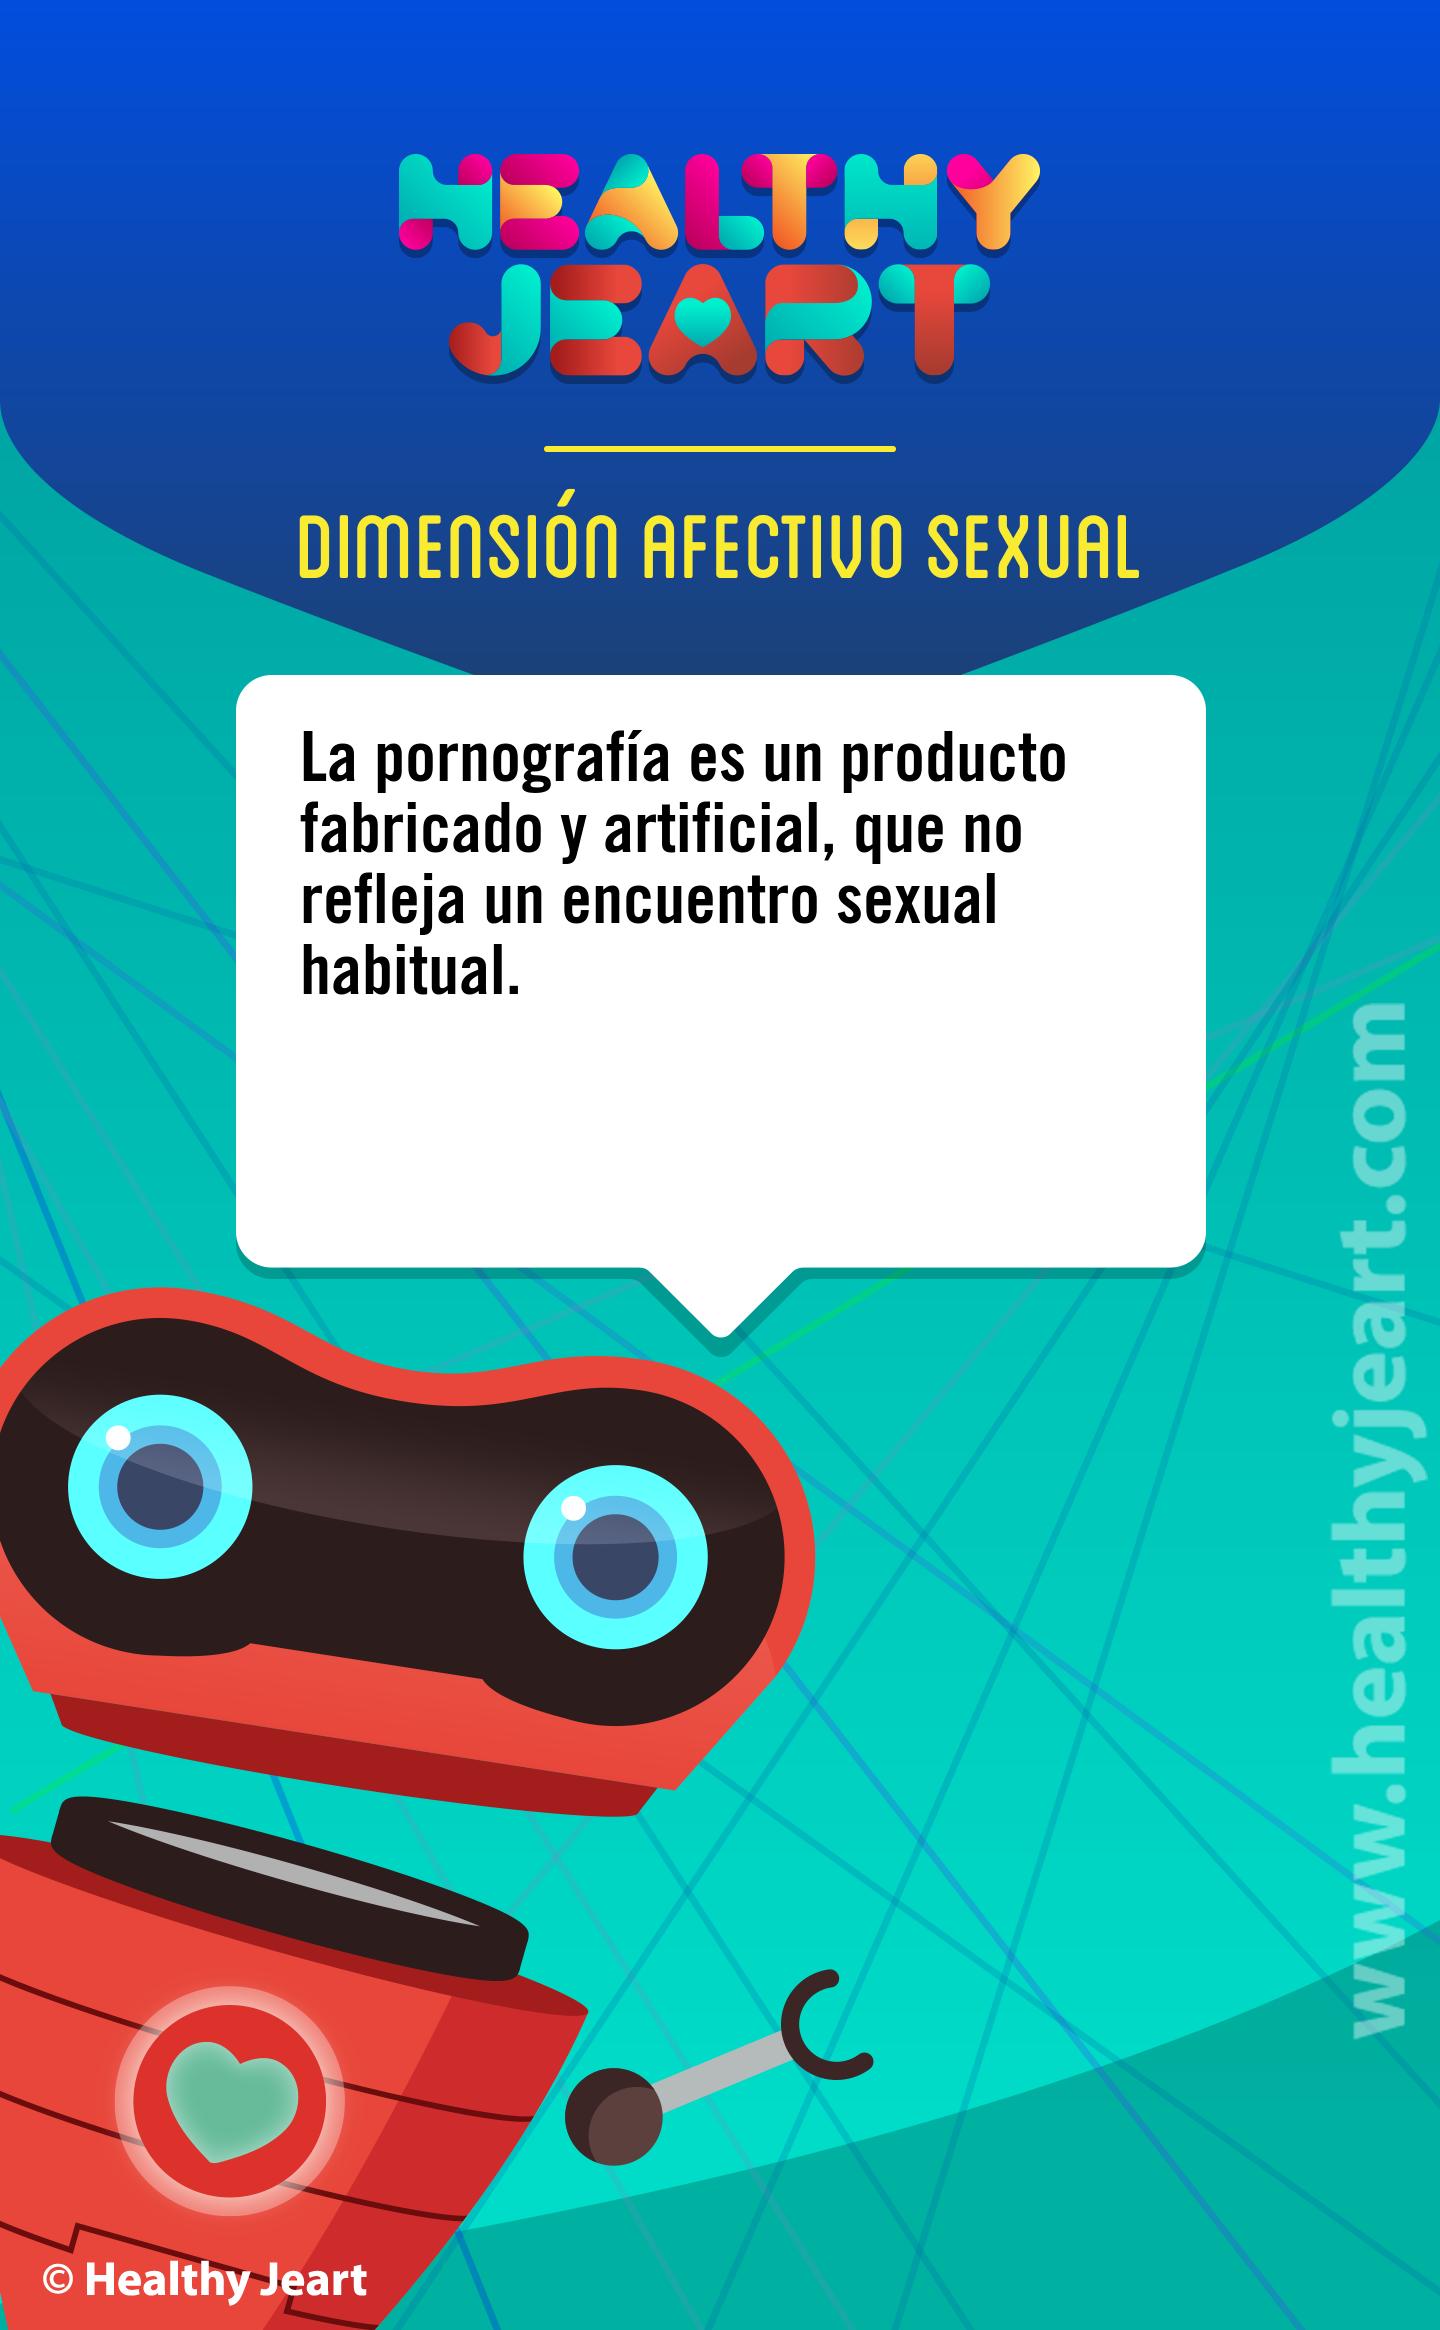 La pornografía es un producto fabricado y artificial, que no refleja un encuentro sexual habitual.